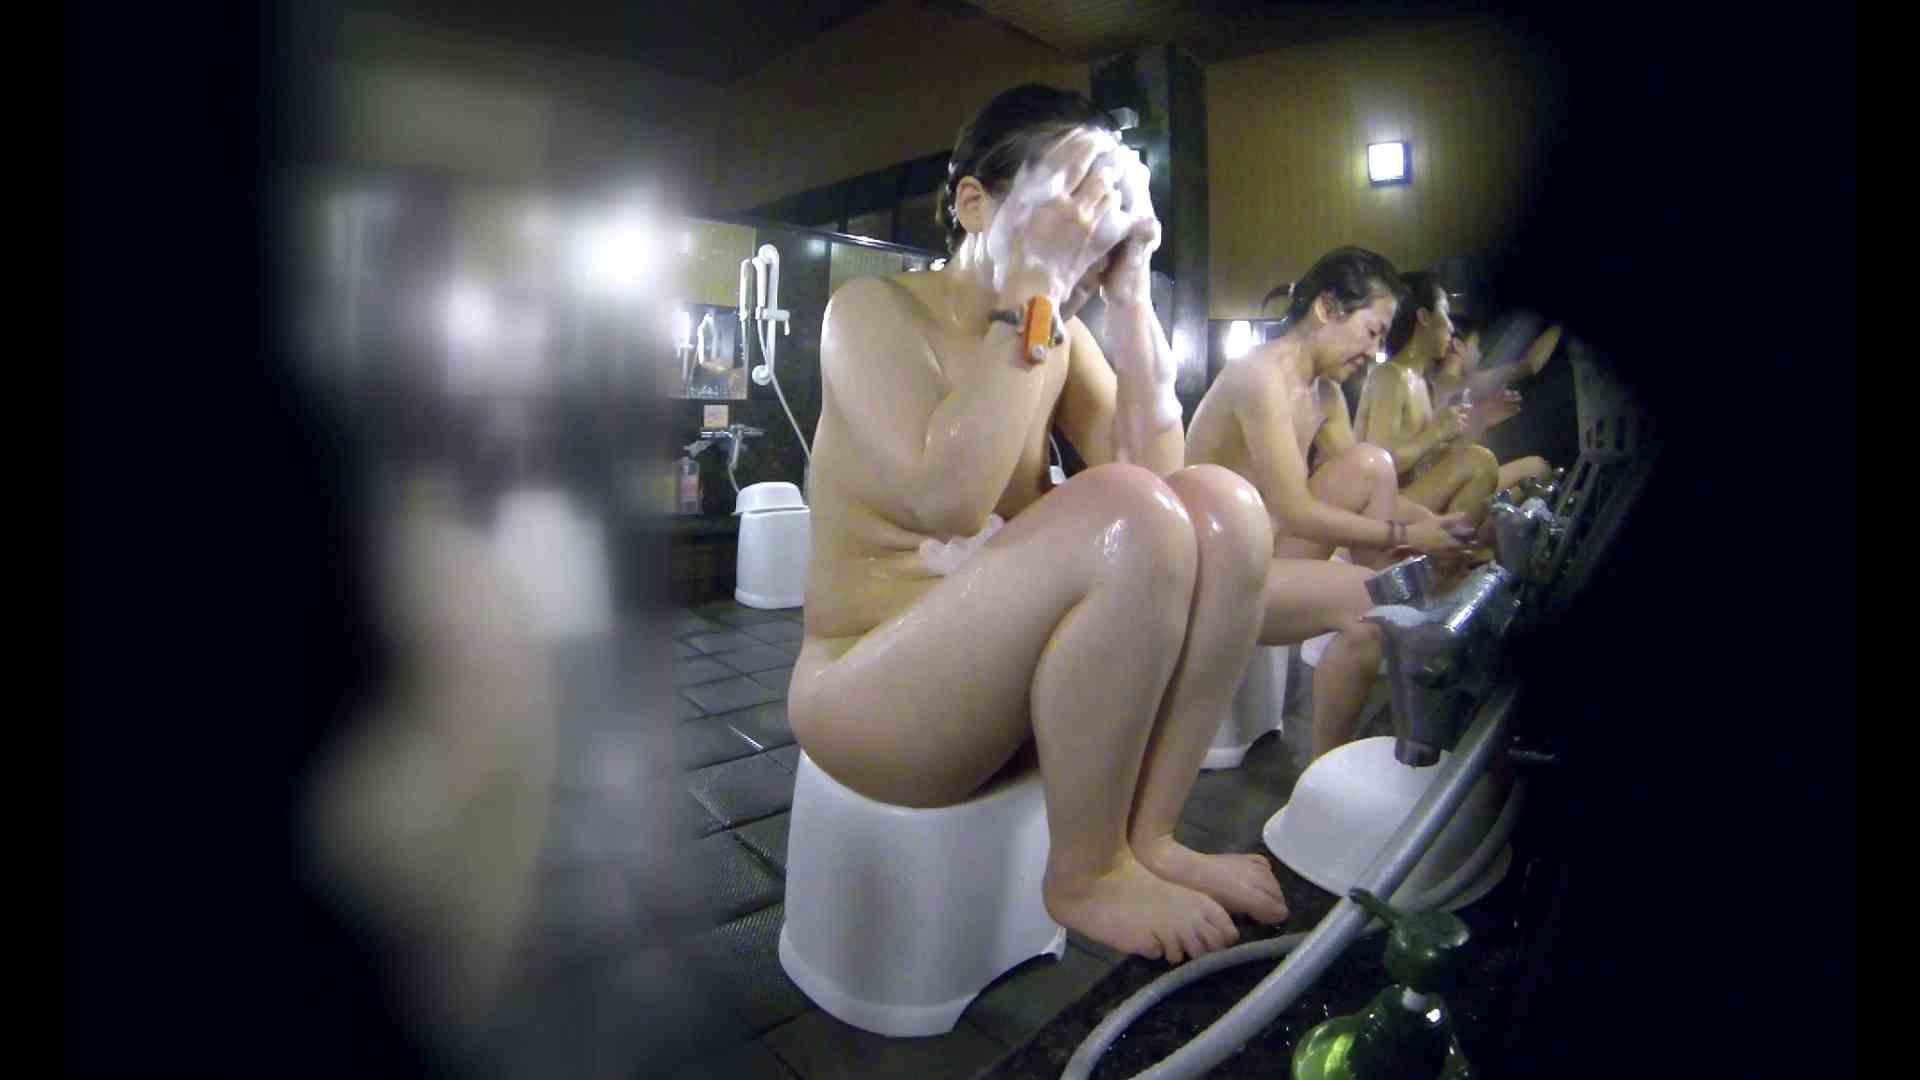 洗い場!米粉パンかのようなもっちり感。あっ!具が! 銭湯   潜入エロ調査  99連発 69